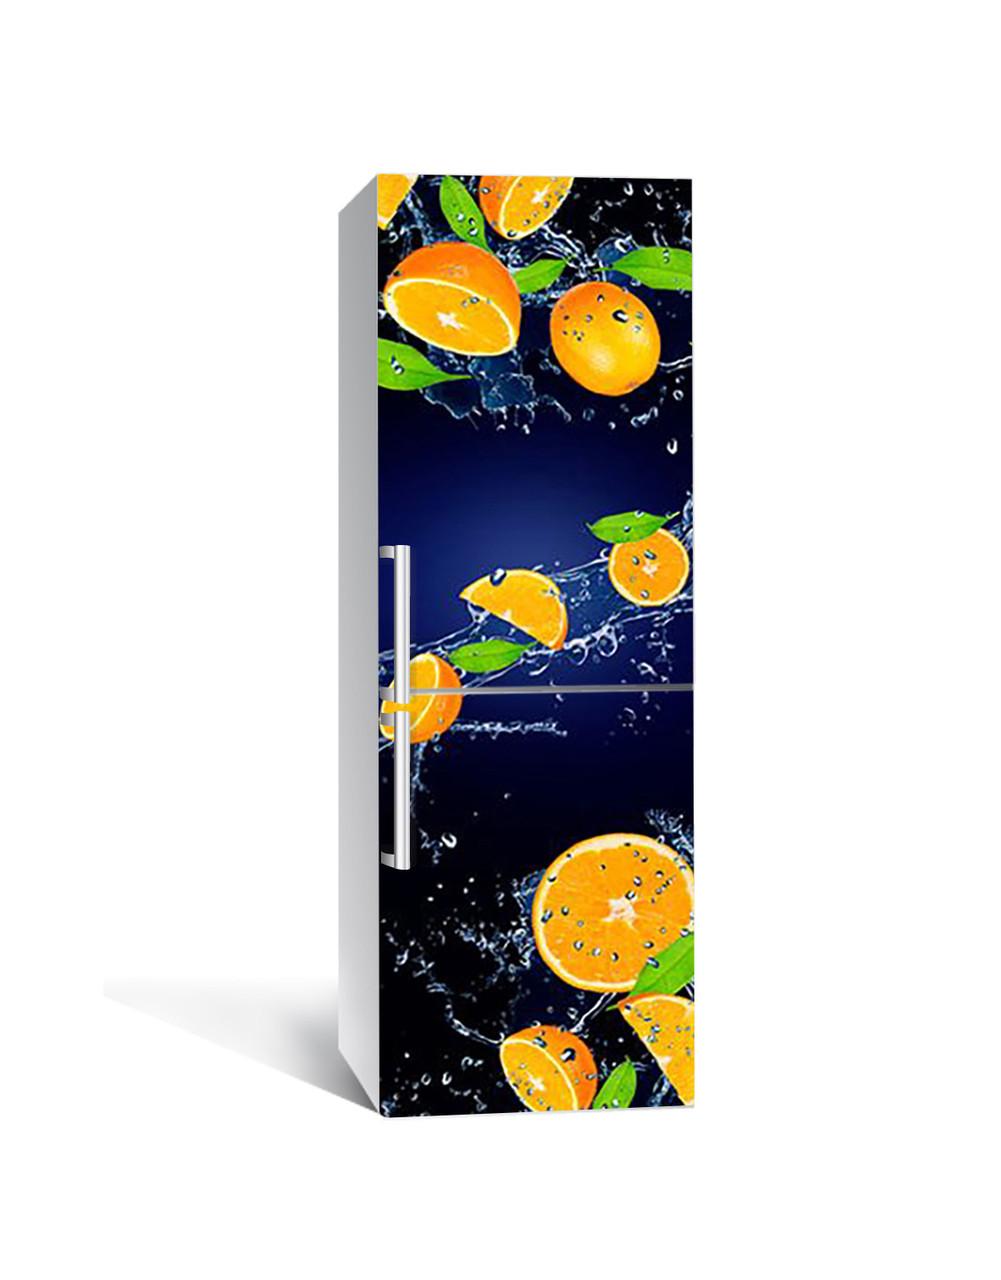 Виниловая 3Д наклейка на холодильник Апельсины в воде (пленка ПВХ с ламинацией) 65*200см Фрукты Синий